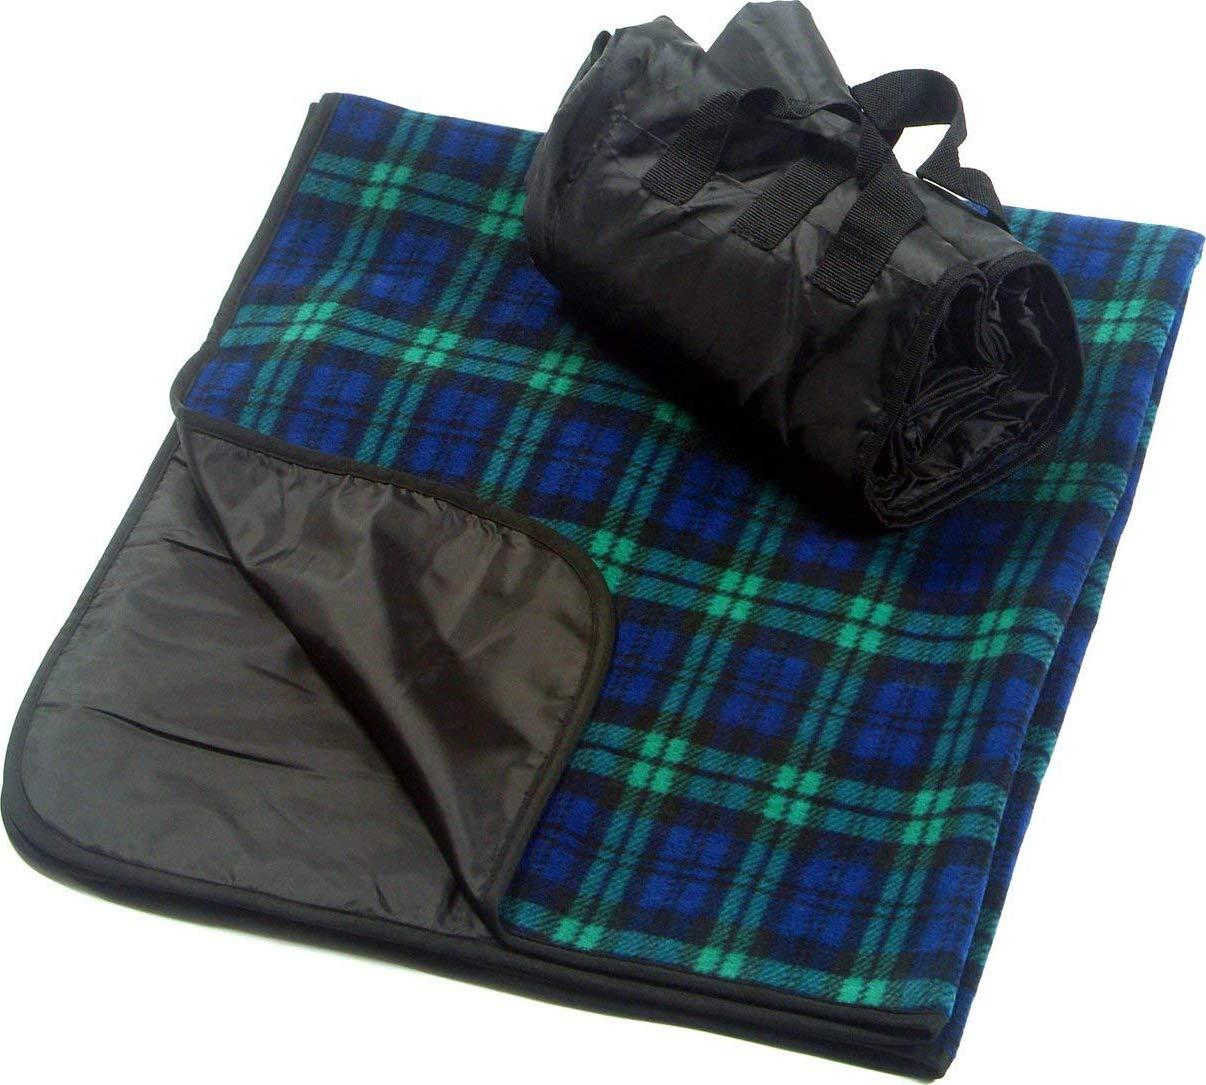 Xelparucoutdoor Picknickdecke, tragbar, für den Außenbereich, 127 x 152 cm